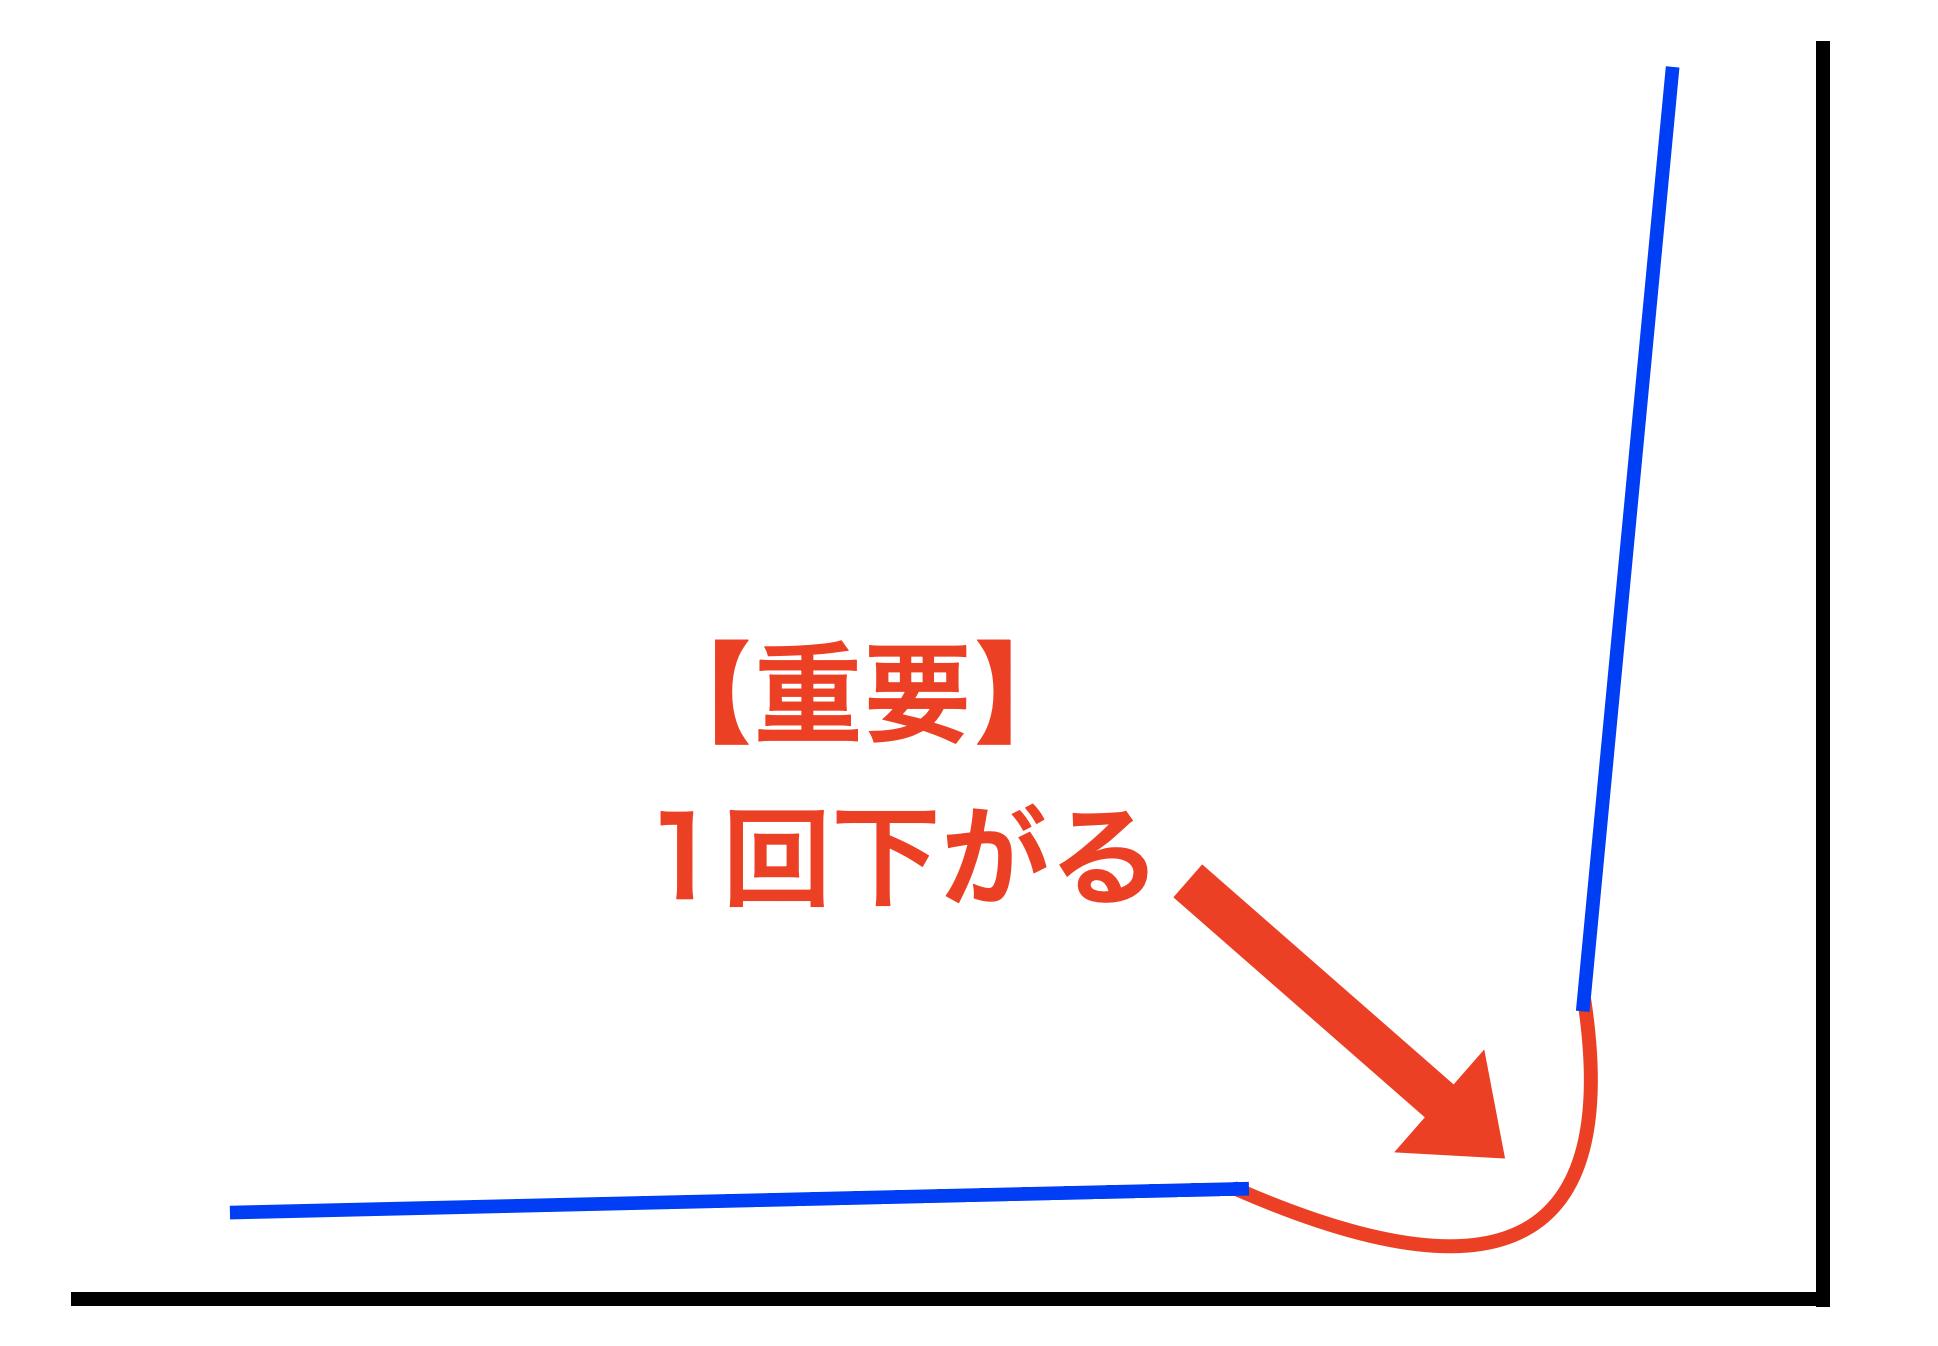 跳ね上がるグラフ